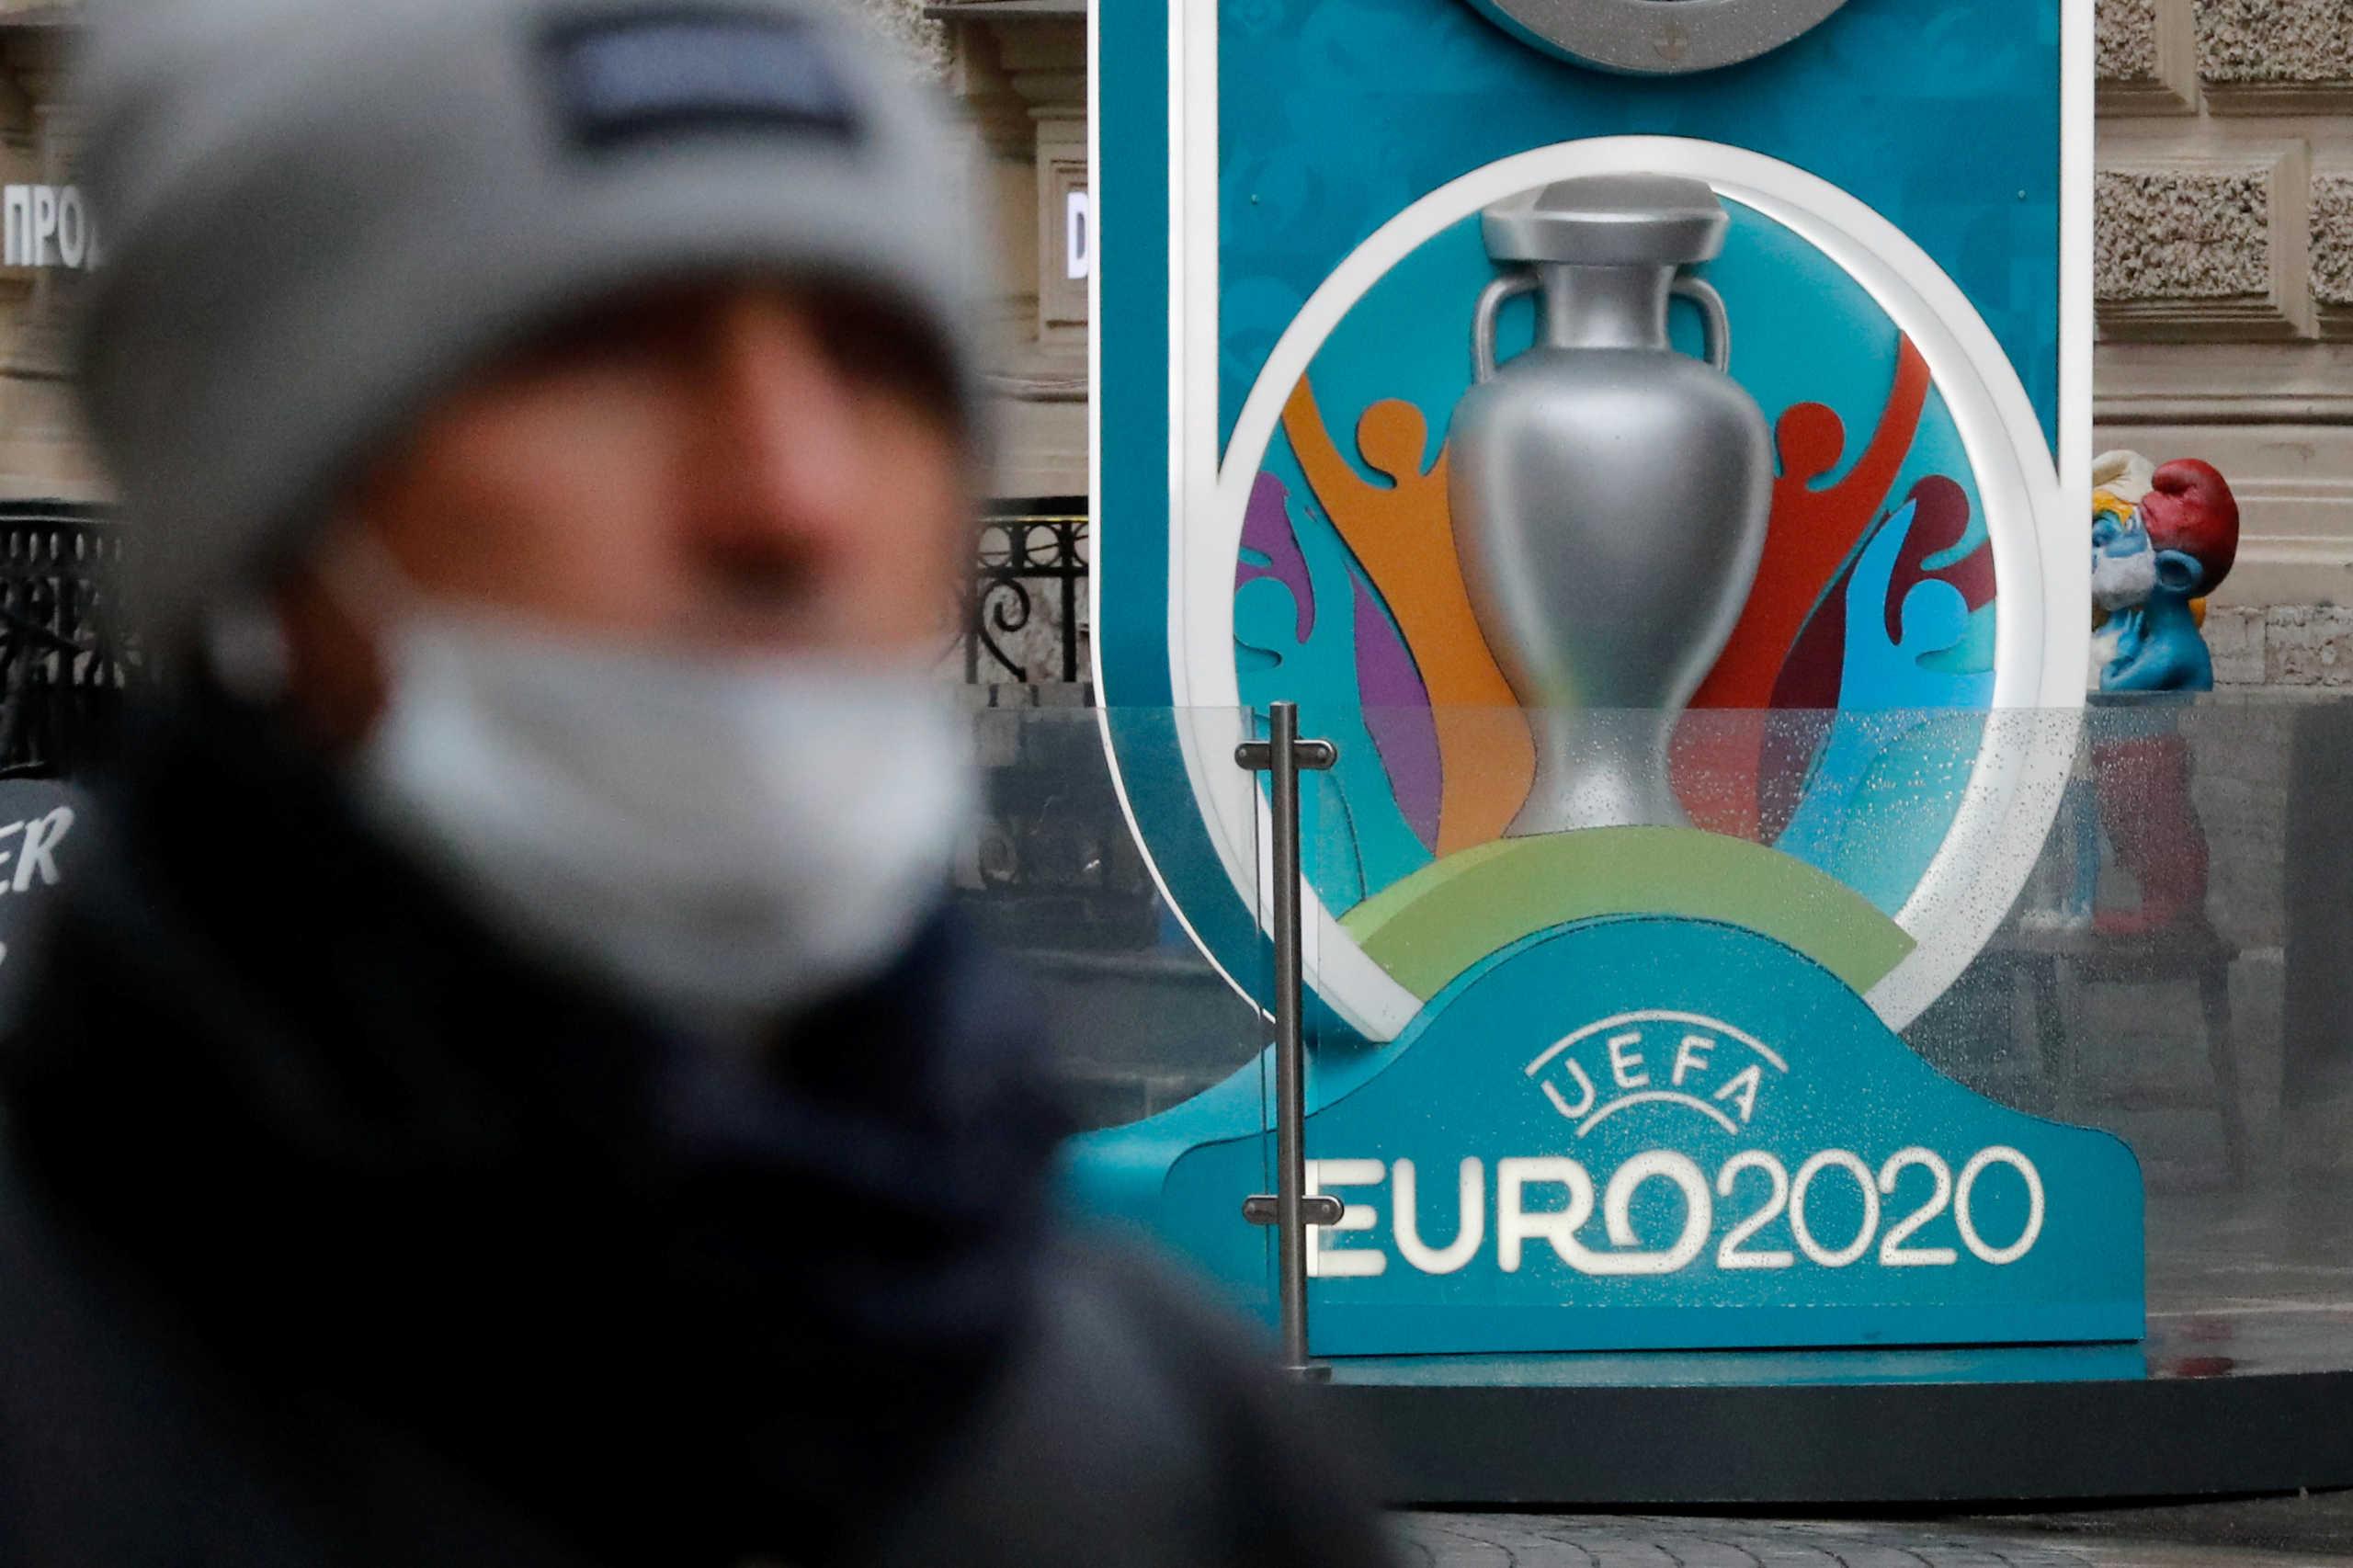 UEFA: Οριστικό! Αναβλήθηκε για το 2021 το Euro